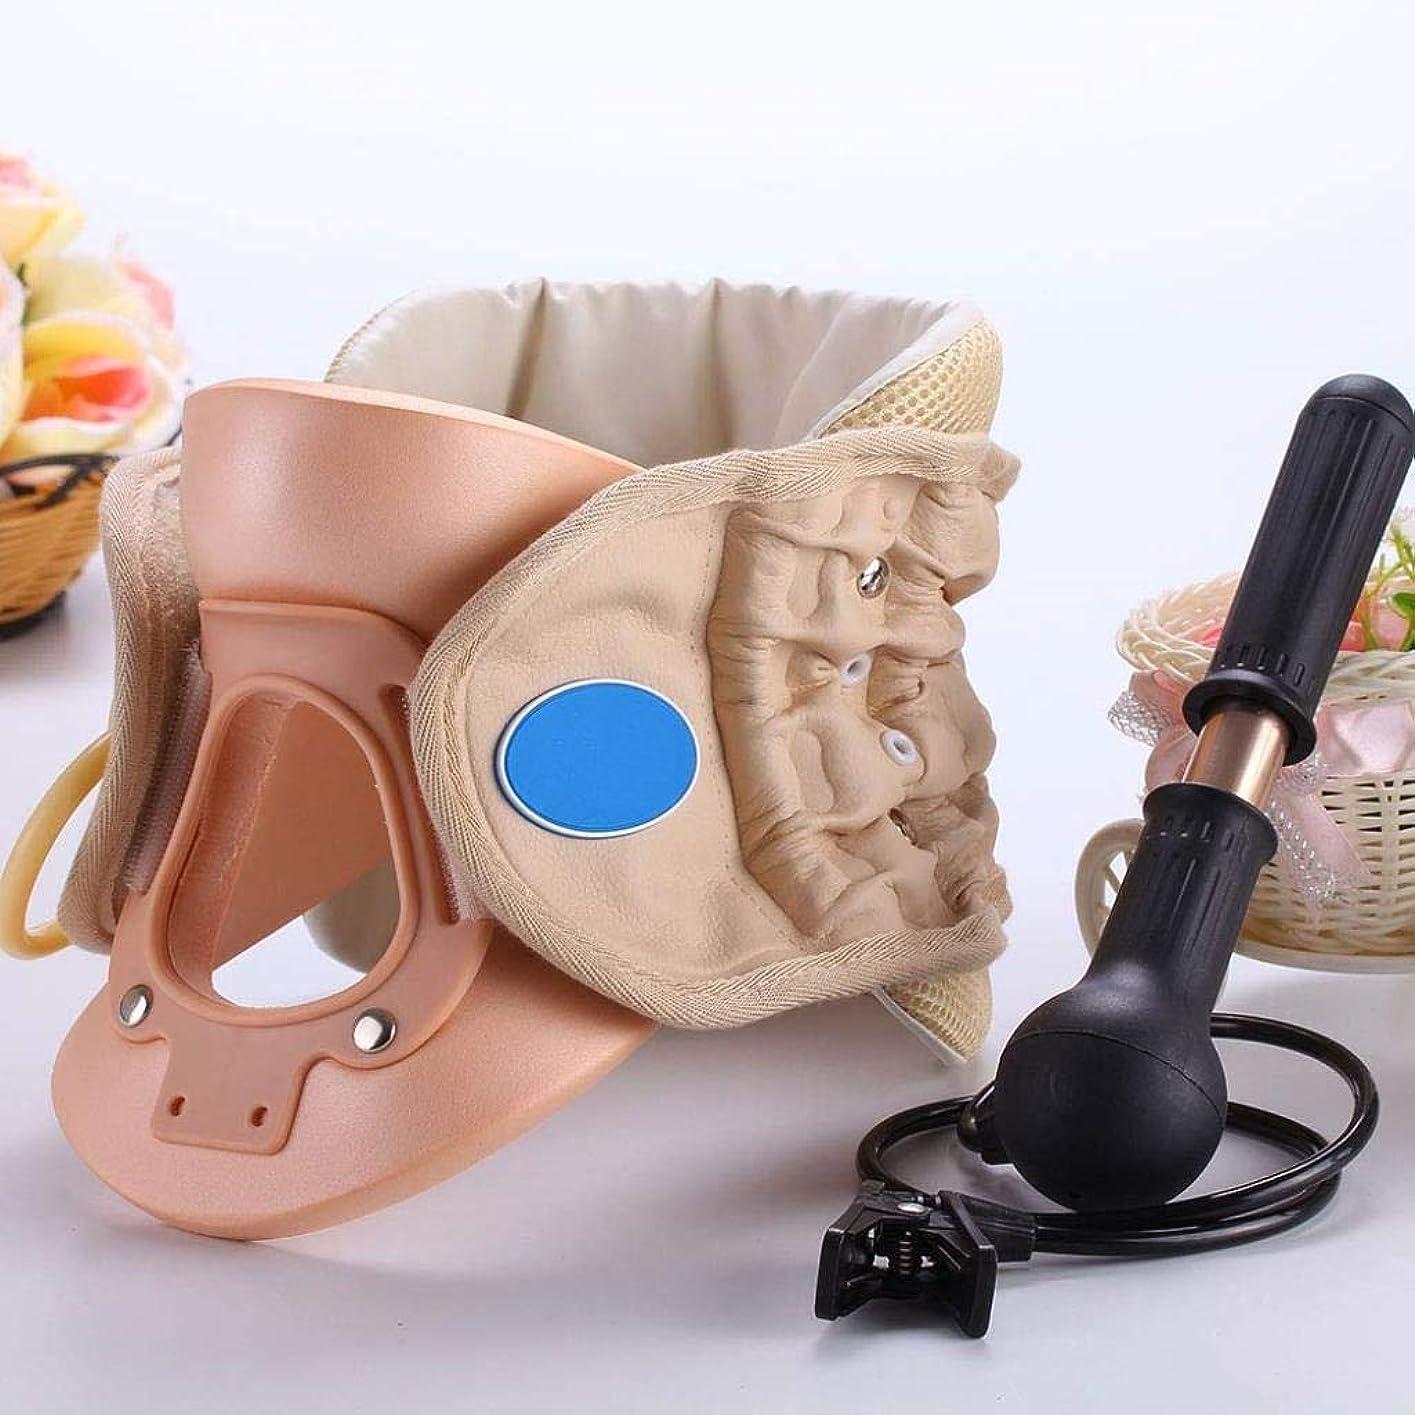 達成する化学有害な首の痛みや頸椎症の人に適したインフレータブル頸椎トラクター、首牽引装置、家の保護頸椎矯正器具